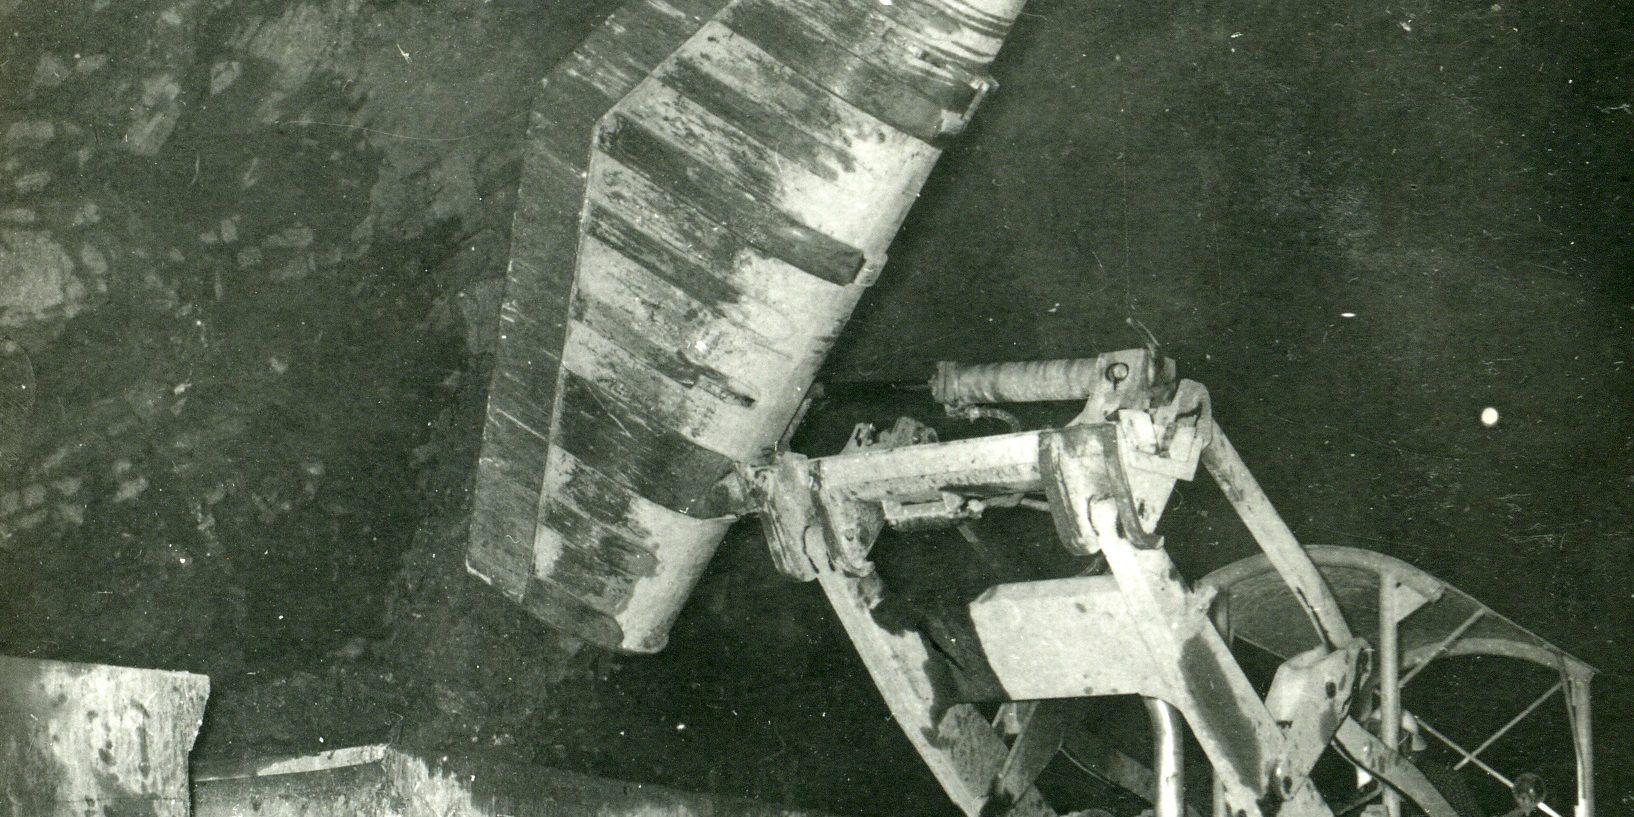 Lasteskuffen med sidetipp var ein av oppfinningane som blei gjort i samband med Tokkeutbygginga. Det var maskinførar Gunnar Sending som hadde idéen. Prinsippet er framleis i bruk i tunnelarbeid i dag